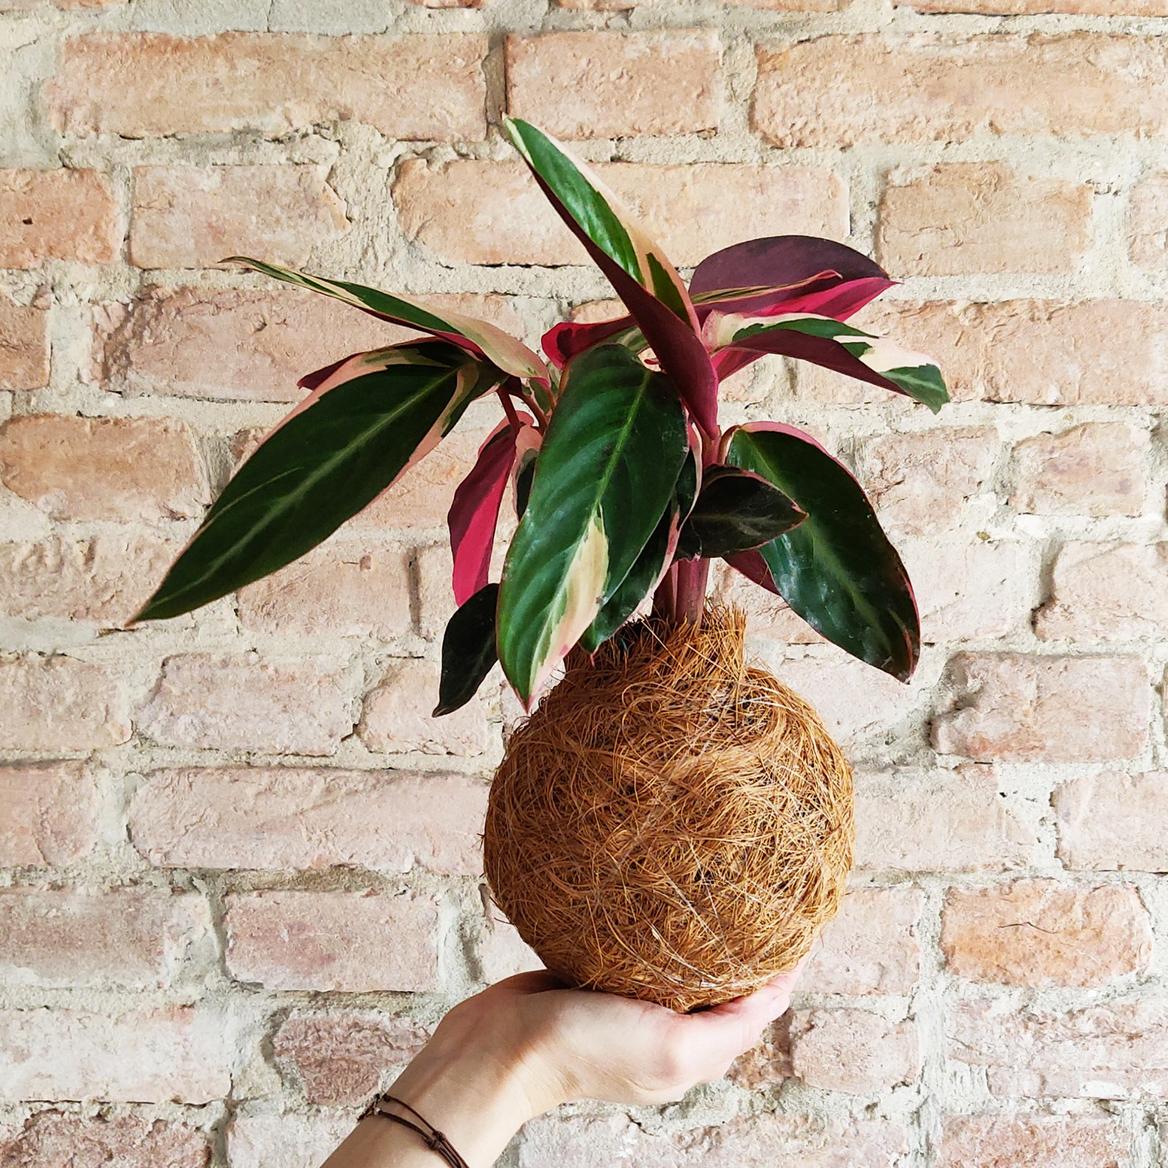 La Stromanthe sanguinea è una pianta ornamentale d'appartamento apprezzata per il suo fogliame variegato dal design decorativo.